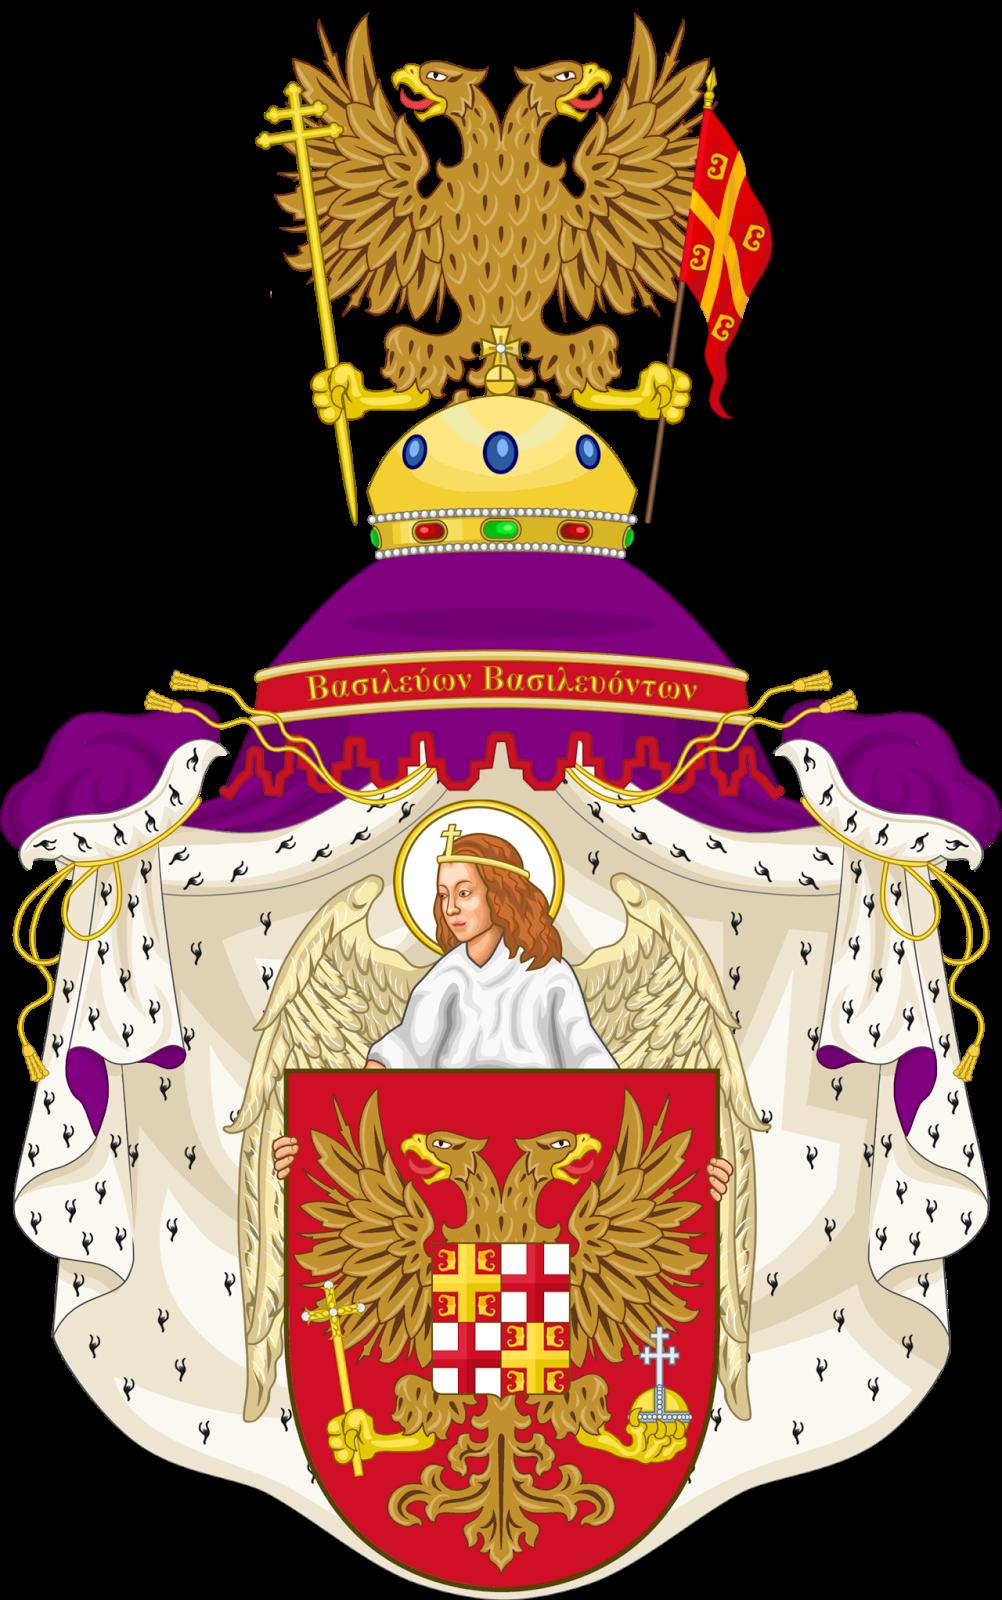 Fondazione Imperiale Bisanzio